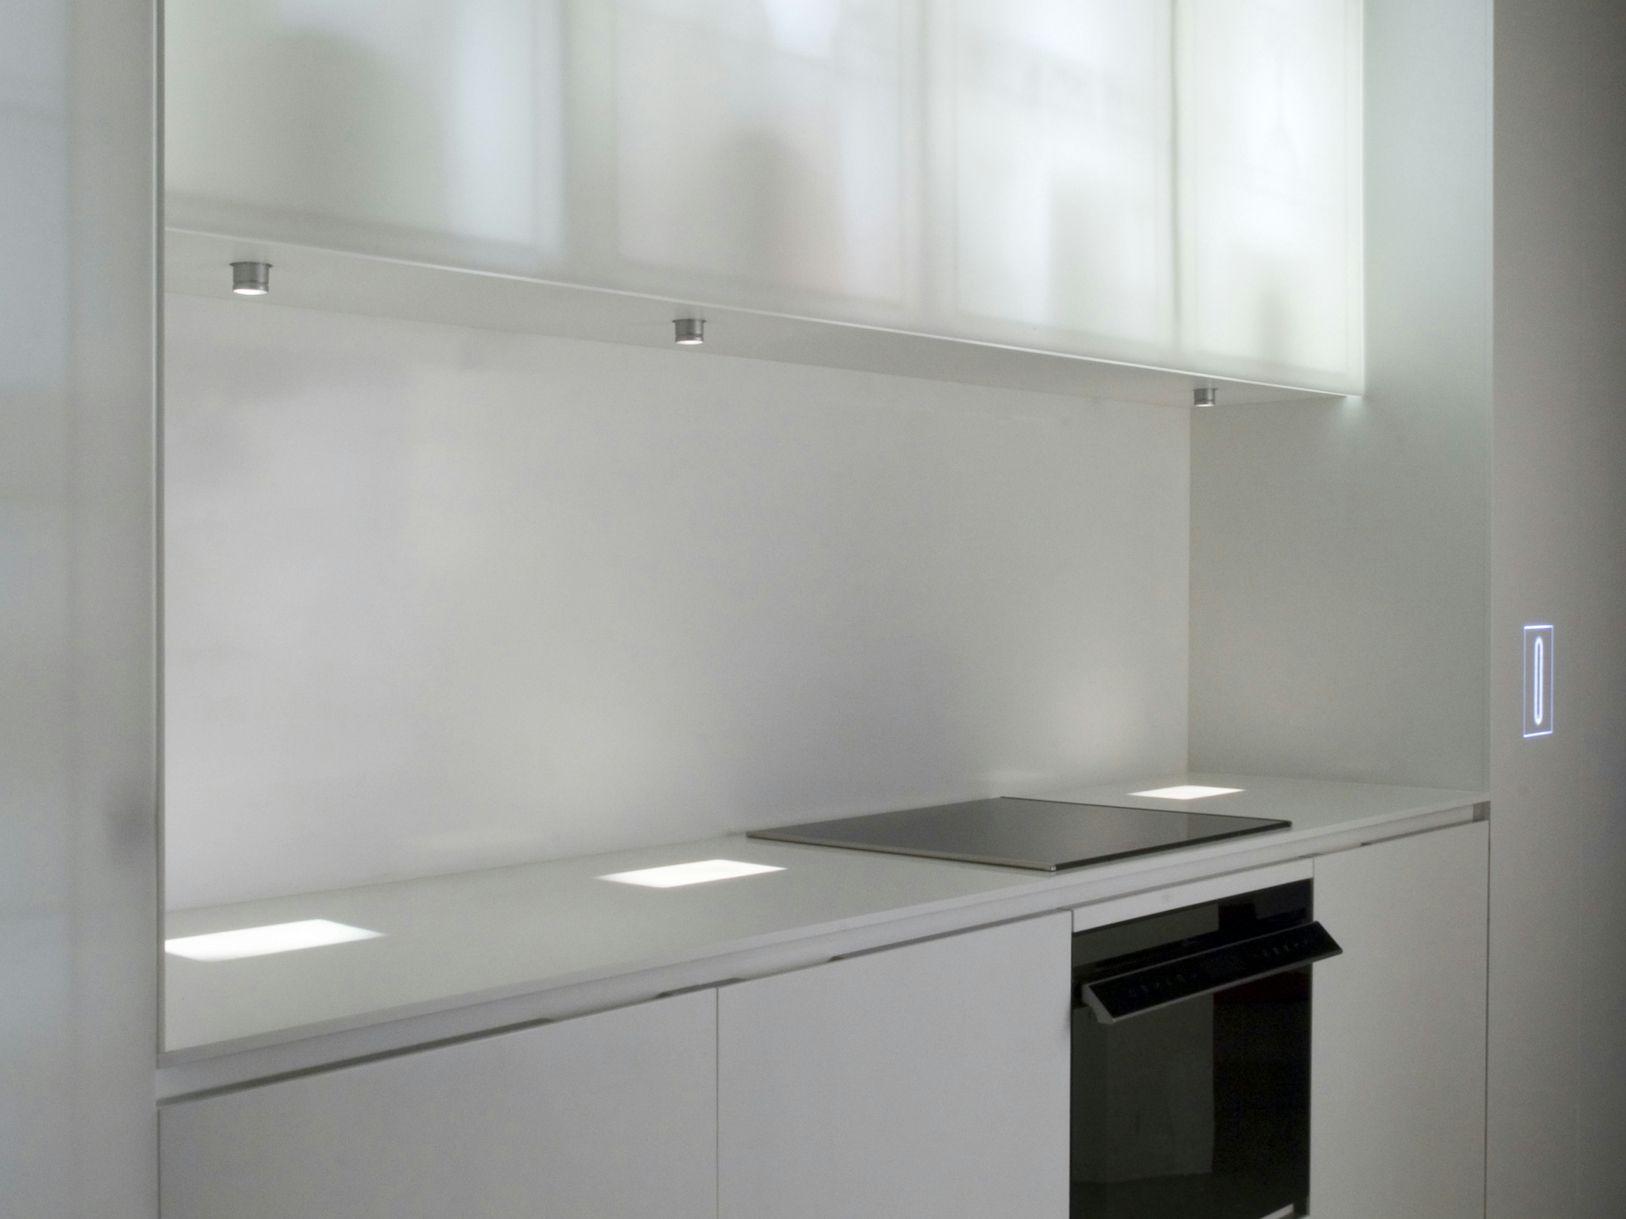 Küche Aus Corian® Mit Kücheninsel CORIAN® NOUVEL LUMIERES By ERNESTOMEDA  Design Jean Nouvel